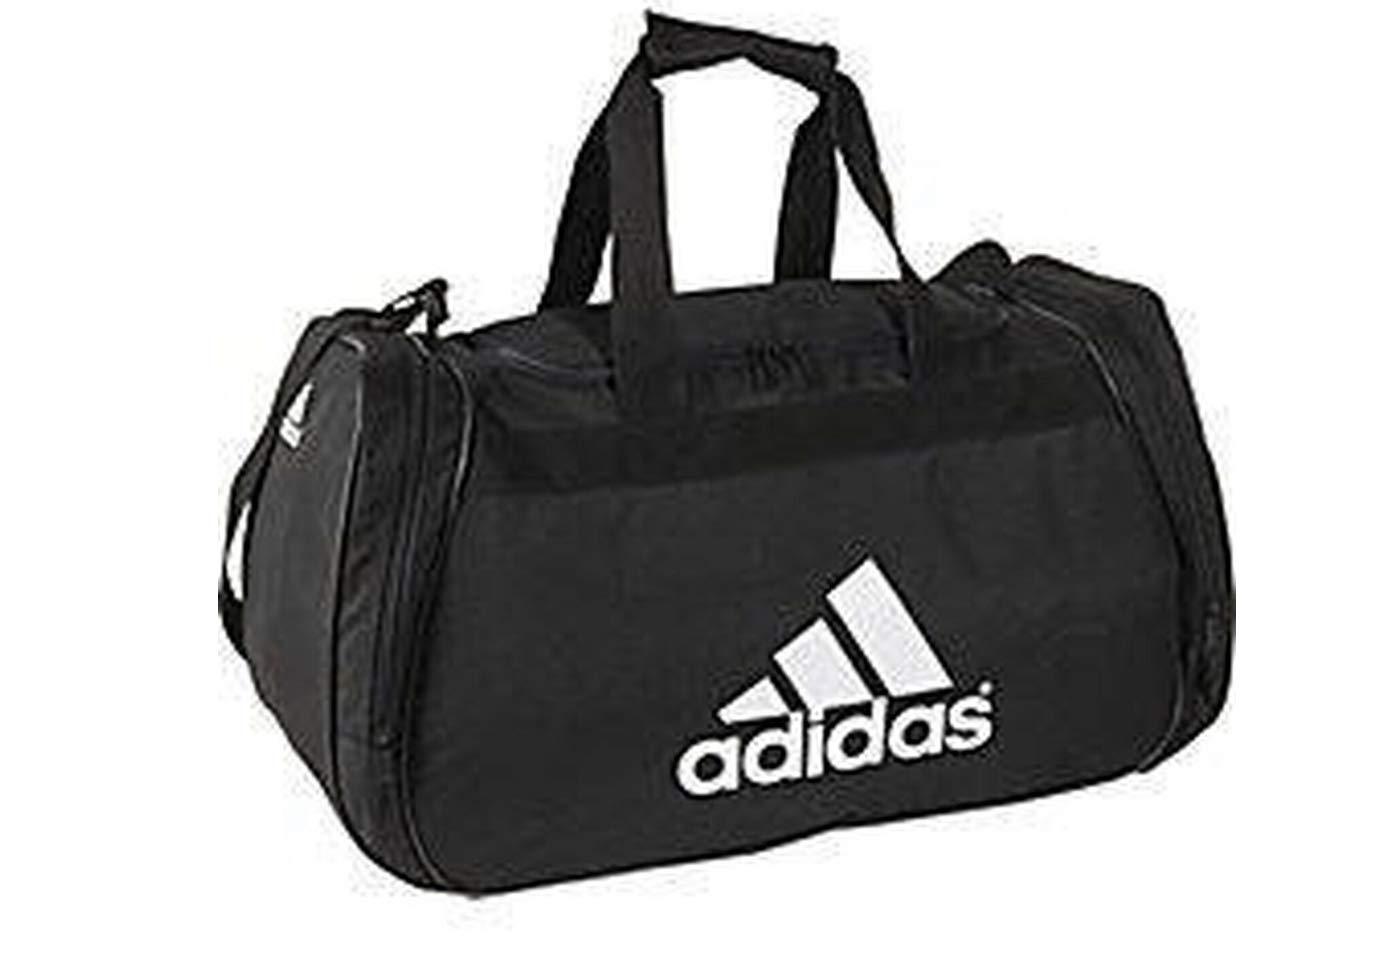 11abdfe92a Amazon.com | Adidas Diablo Medium II Dufflel Bag (One_Size, Black  (5128427-B161) / White) | Travel Duffels